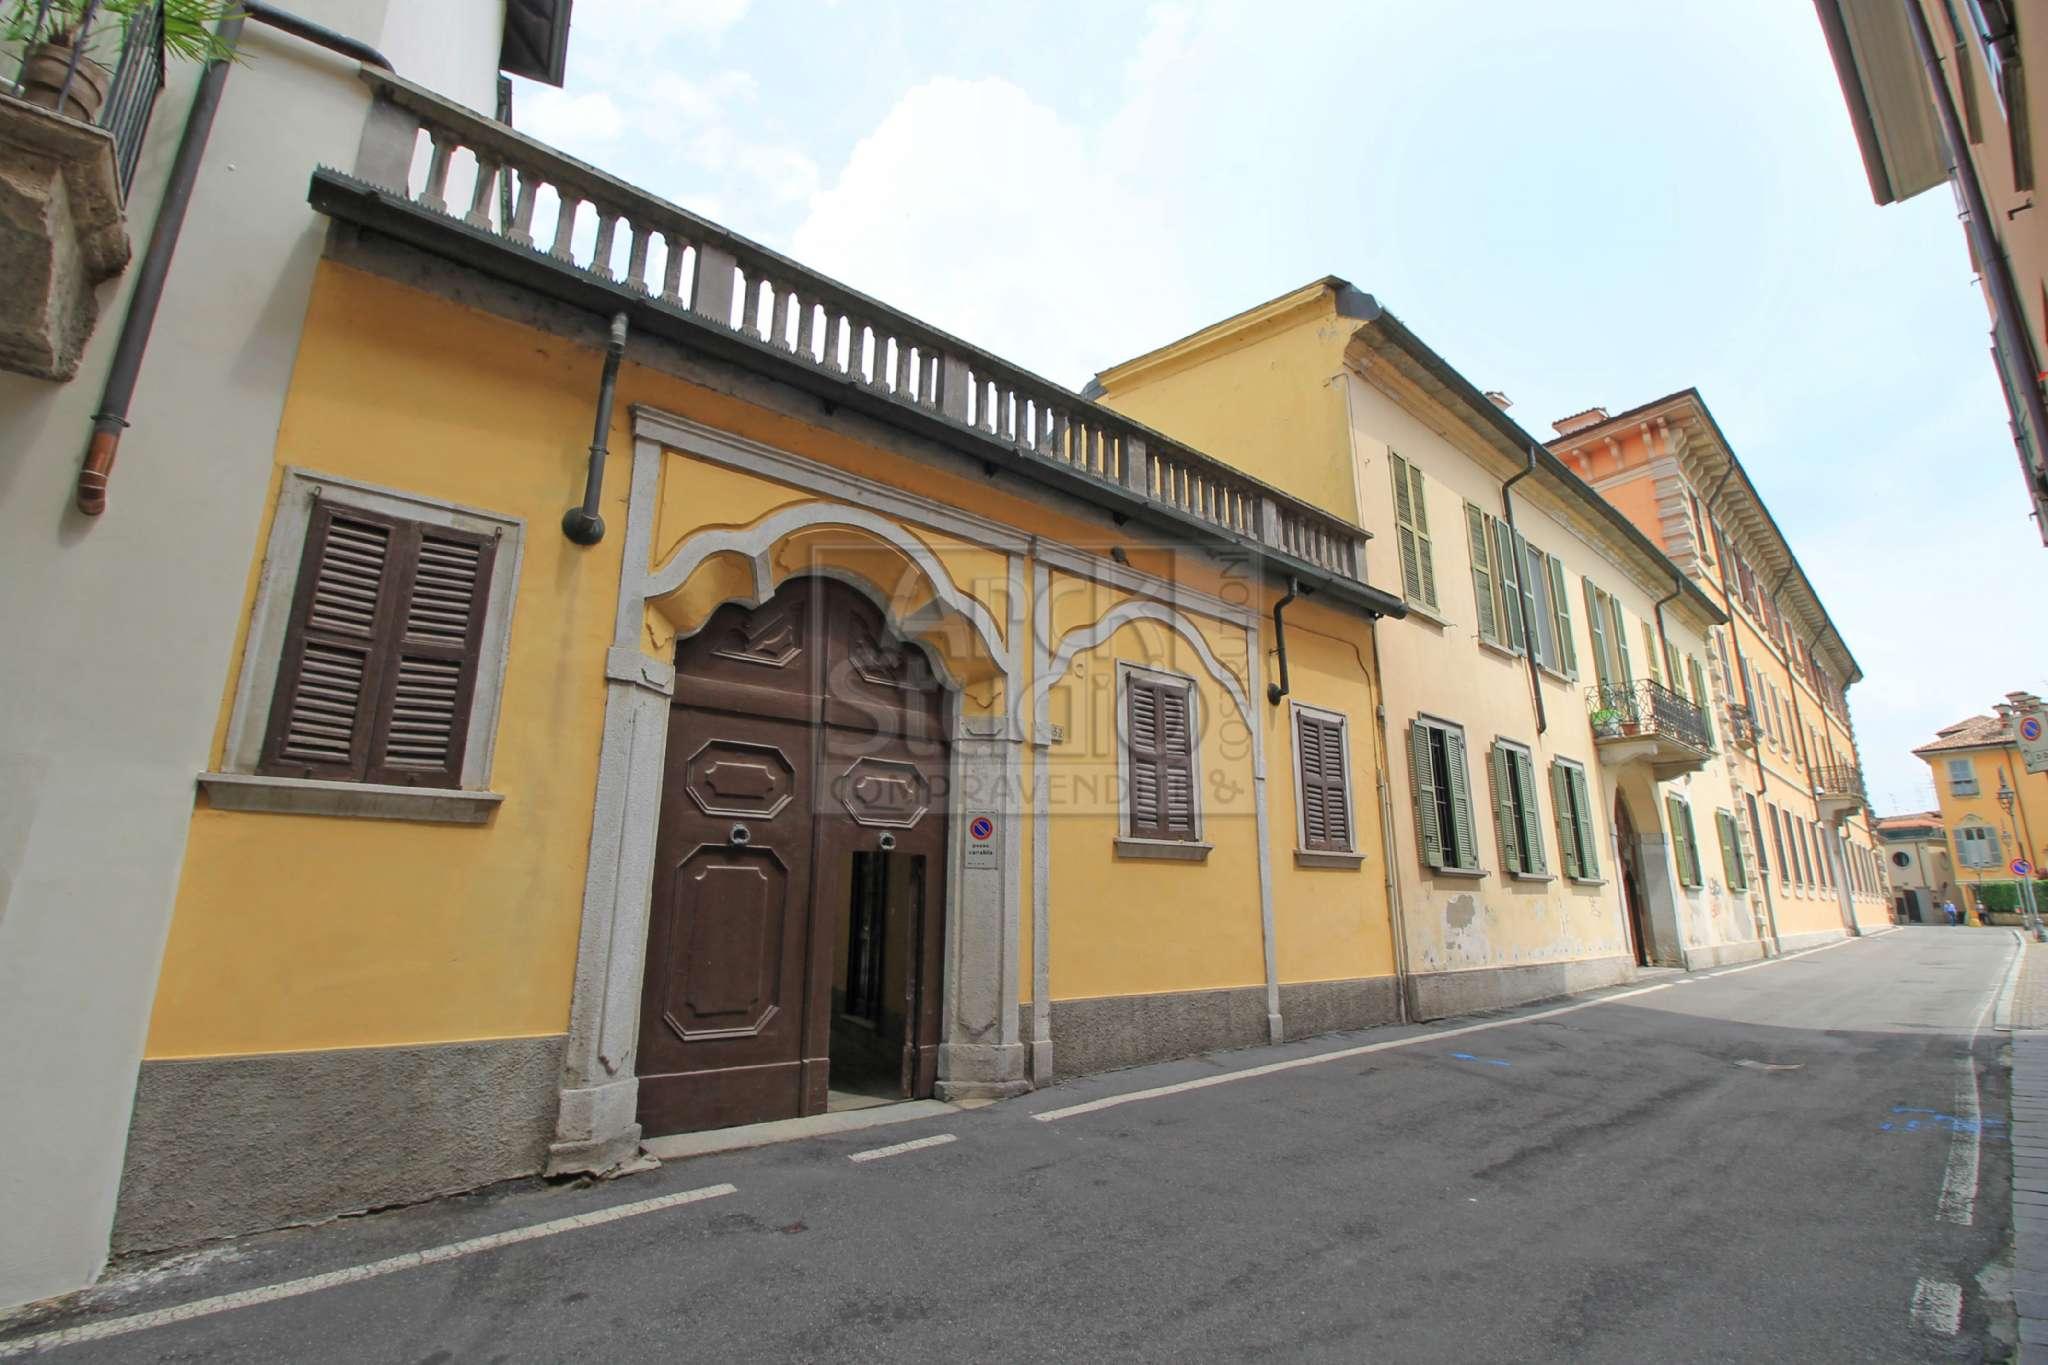 Soluzione Indipendente in vendita a Cassano d'Adda, 9999 locali, Trattative riservate | CambioCasa.it